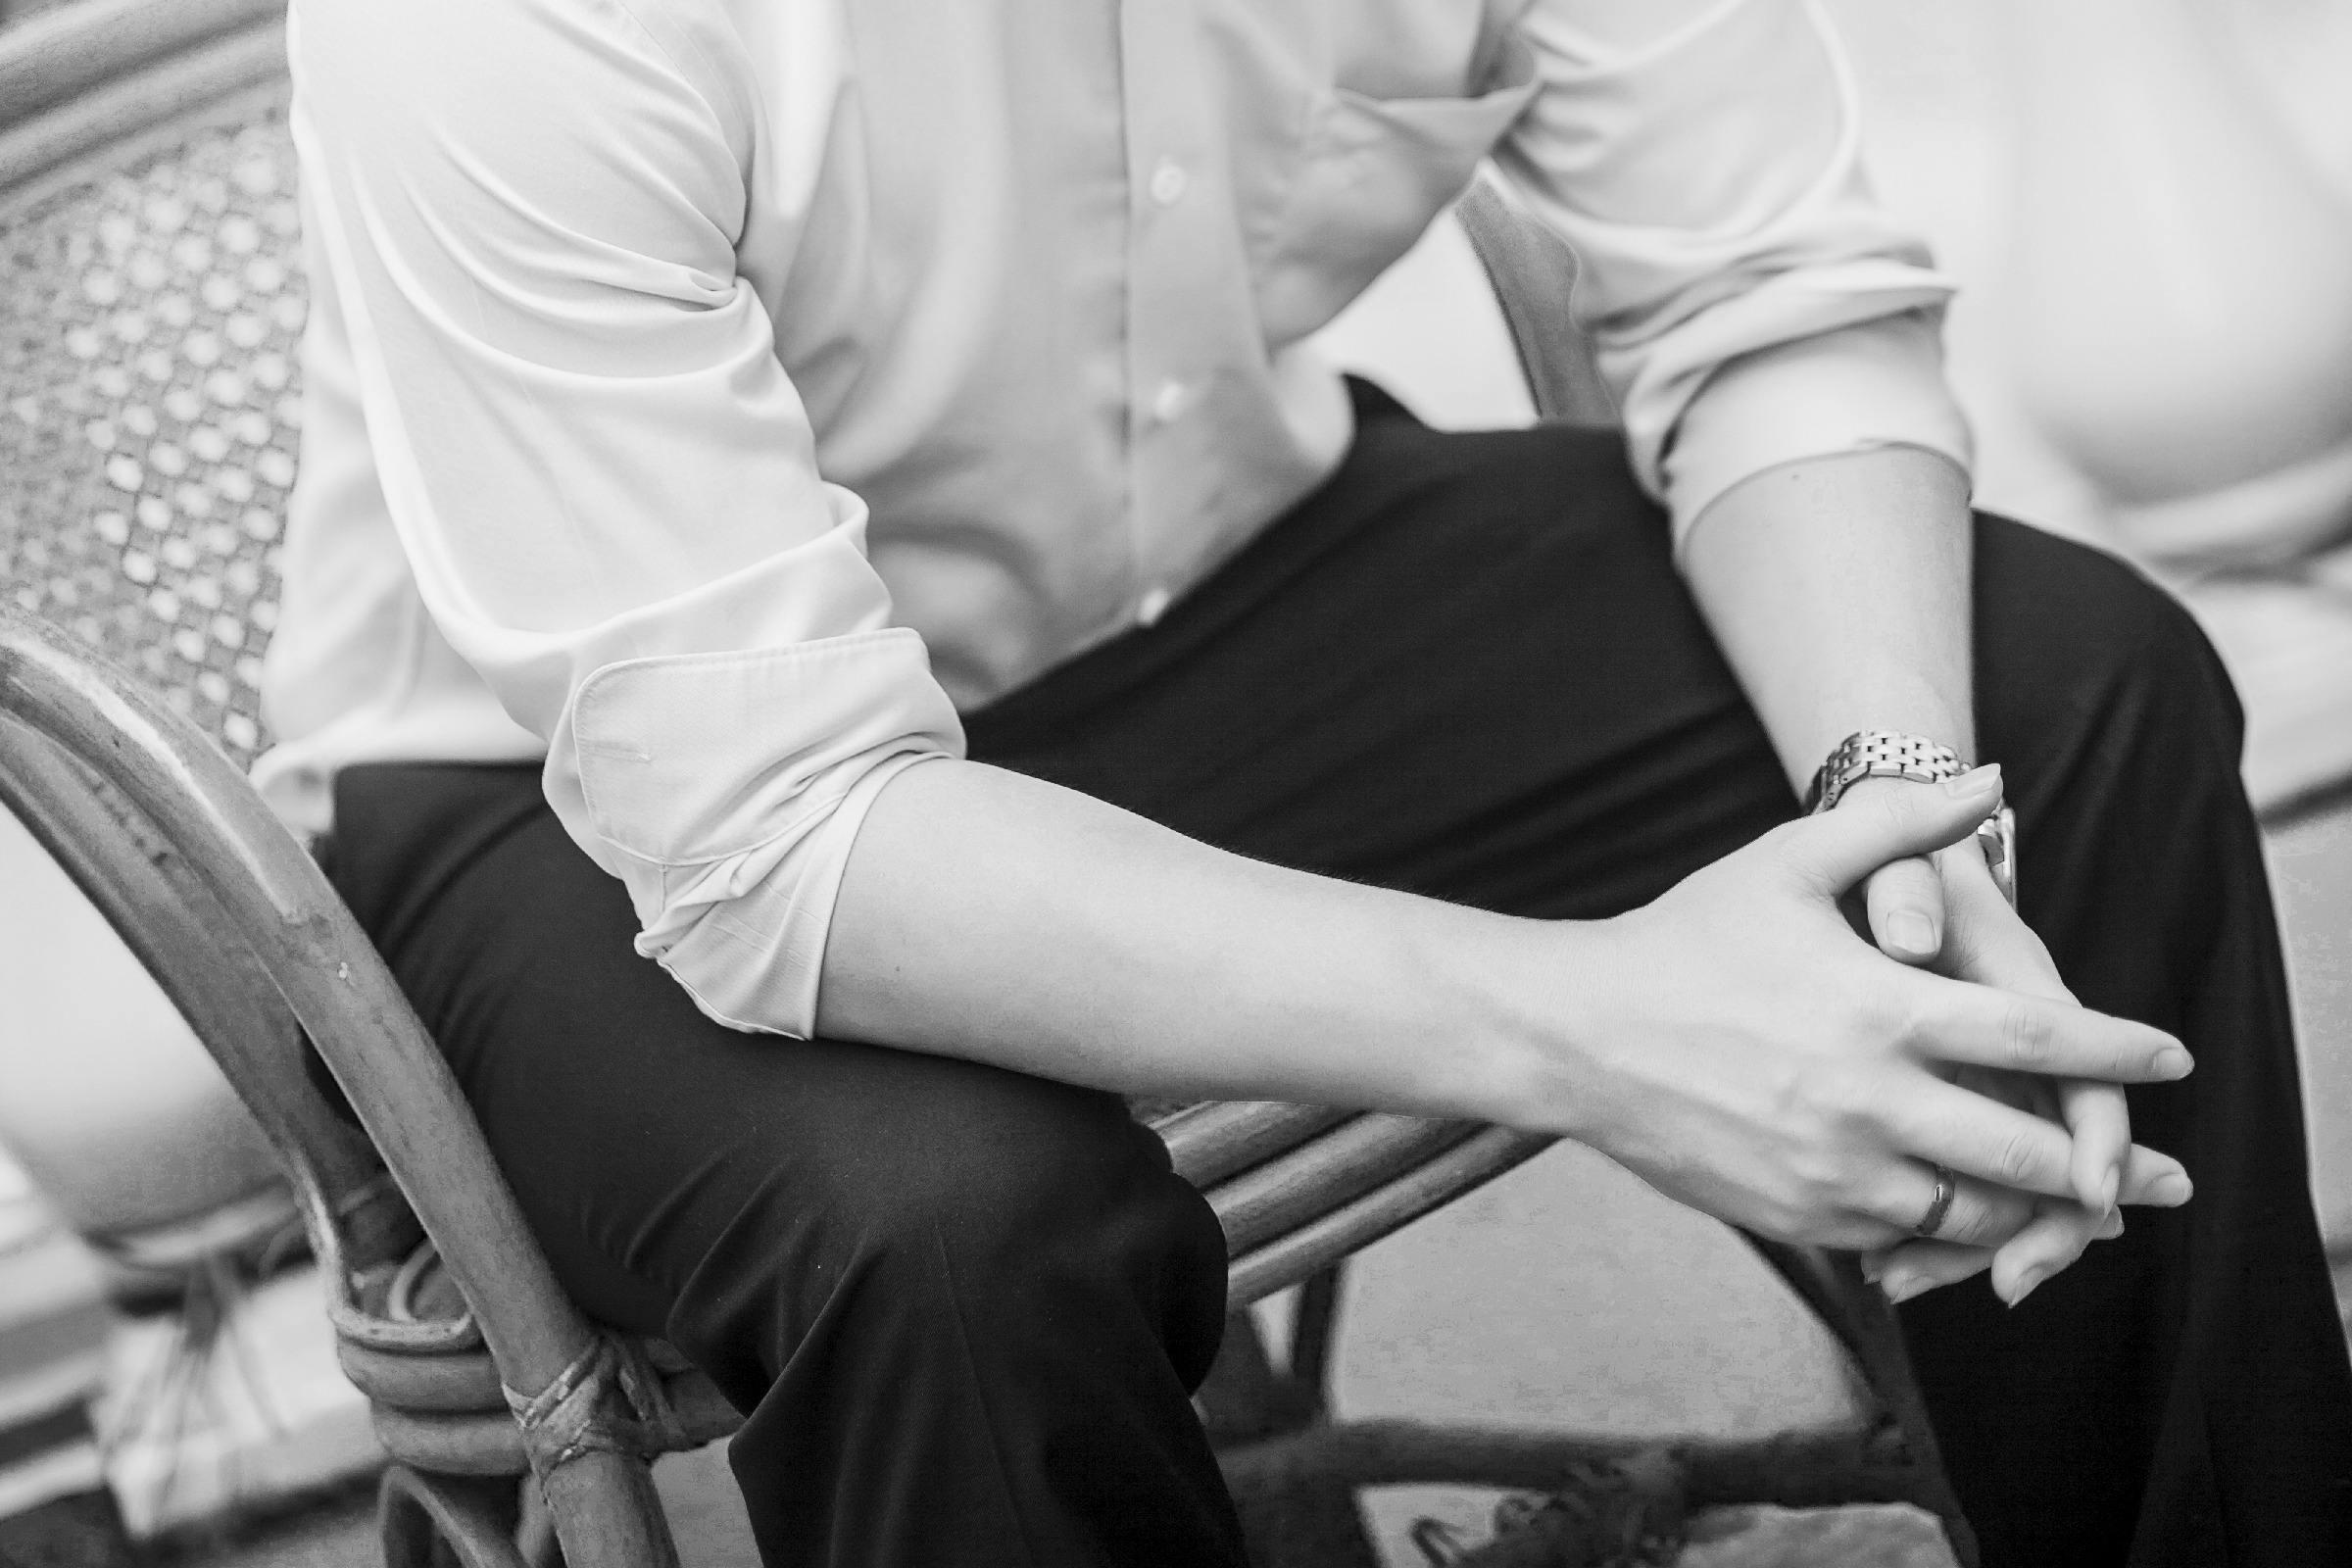 5个习惯正在毁掉你的腰,不想腰间盘突出、腰肌劳损,需尽早改掉